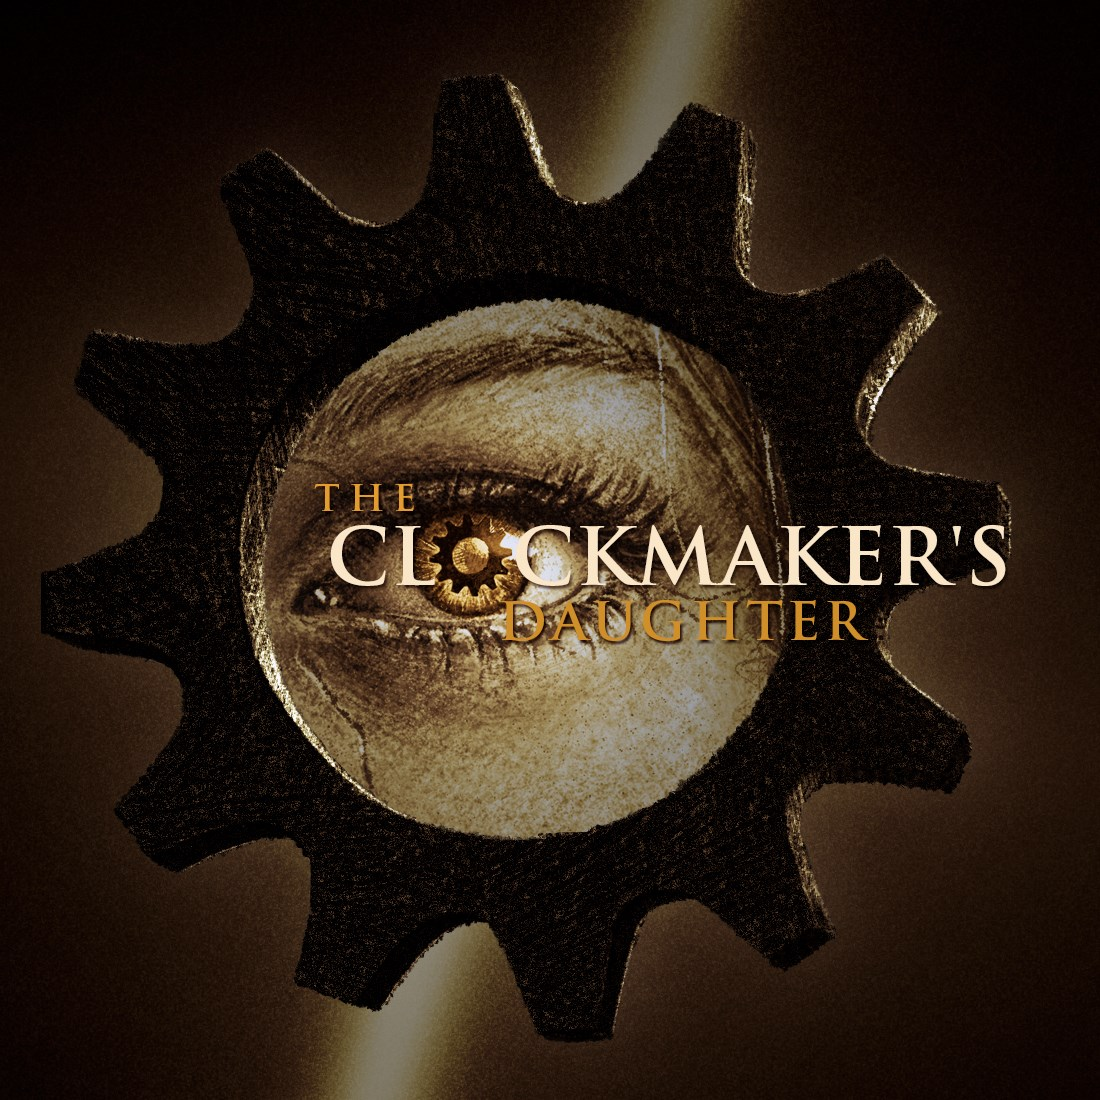 The Clockmaker's Daughter. An original musical by Michael Webborn and Daniel Finn